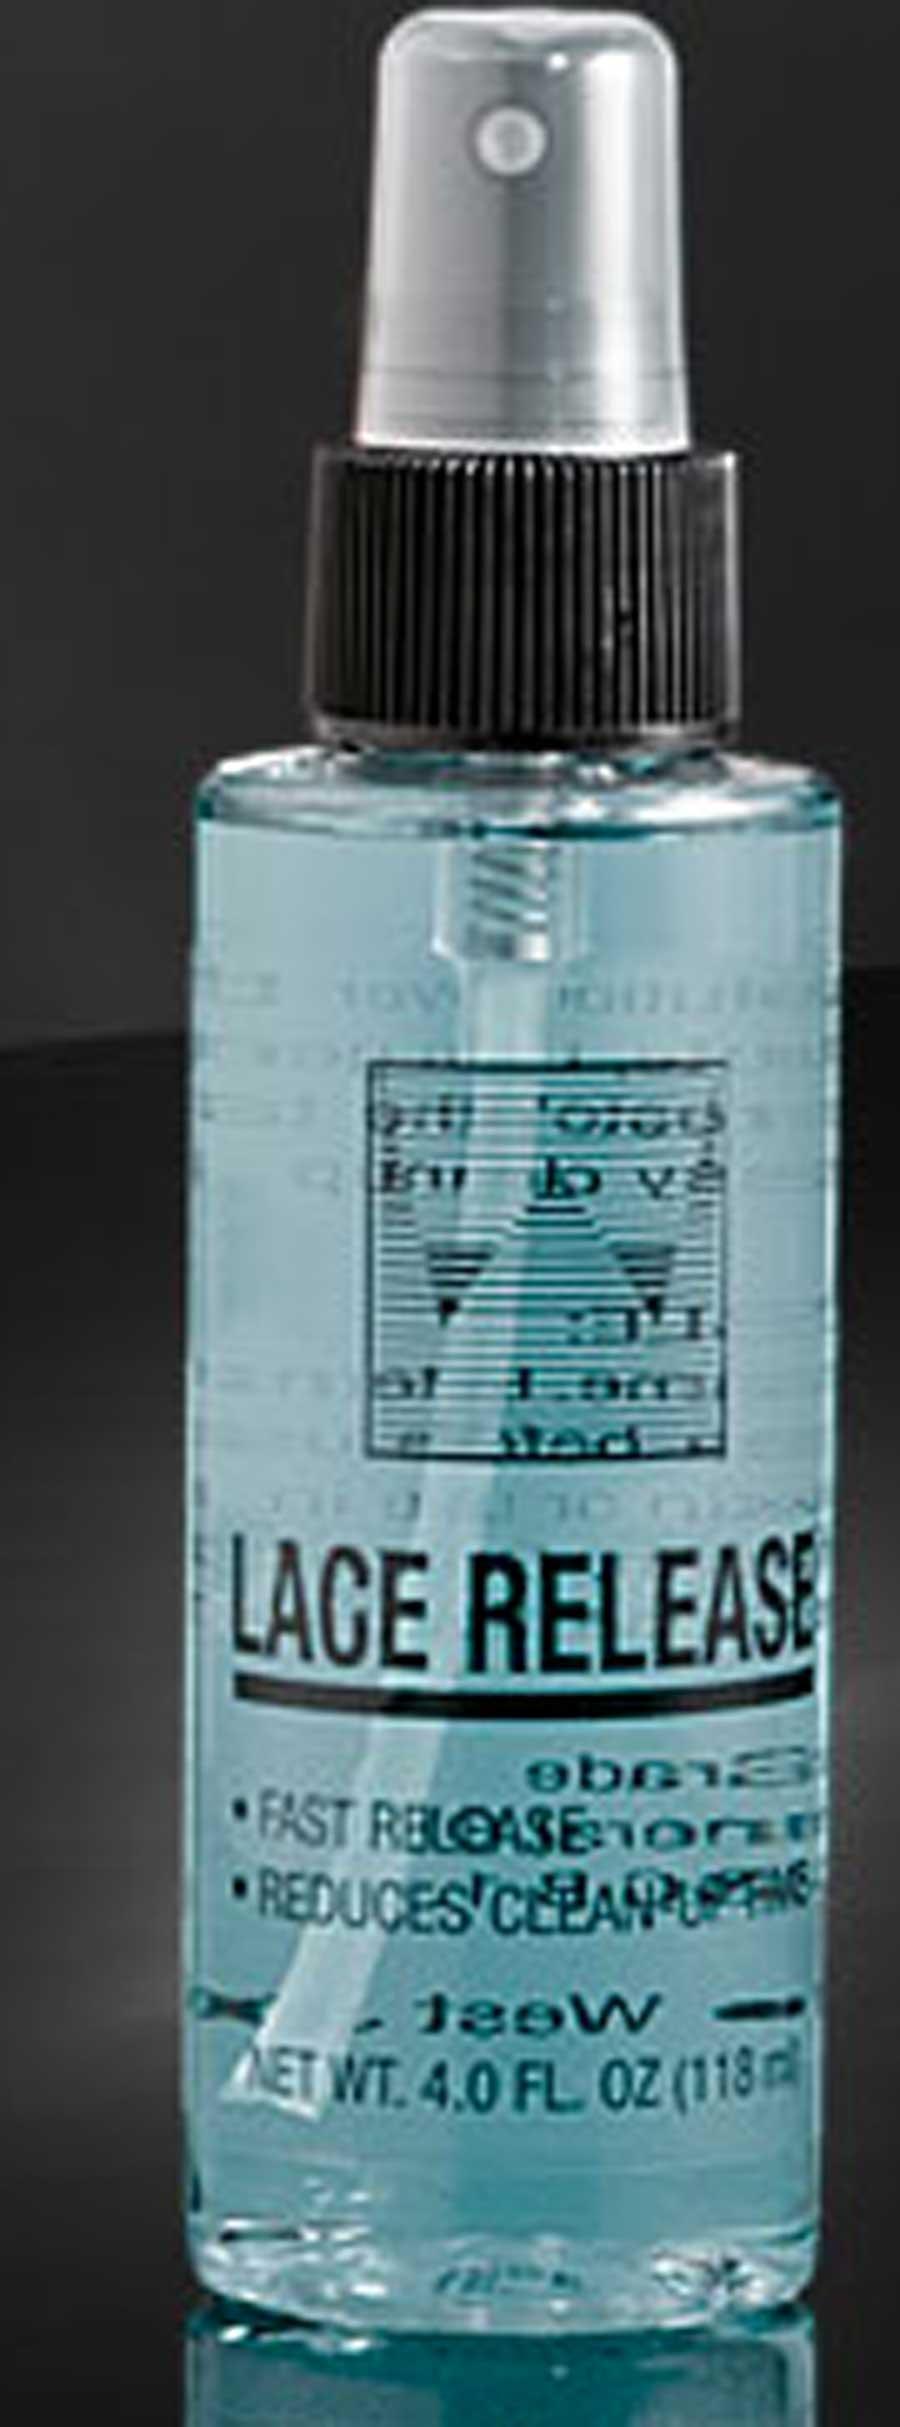 remover per lace, lace release